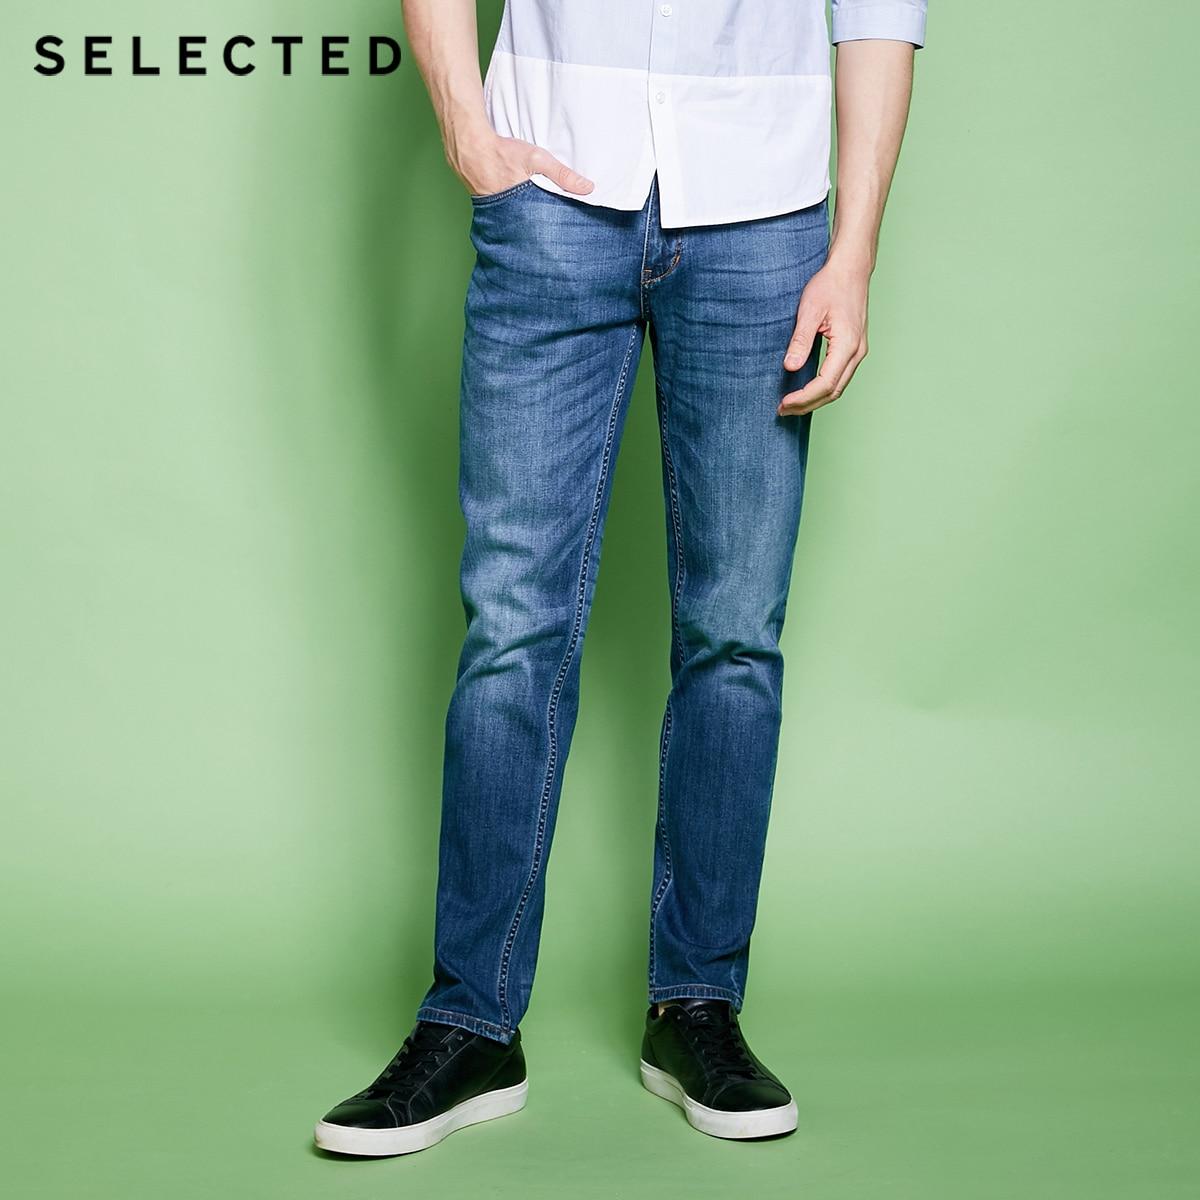 052f00d899d Отборные мужские джинсы из смесового хлопка с эффектом потертости и легкой  растяжки C